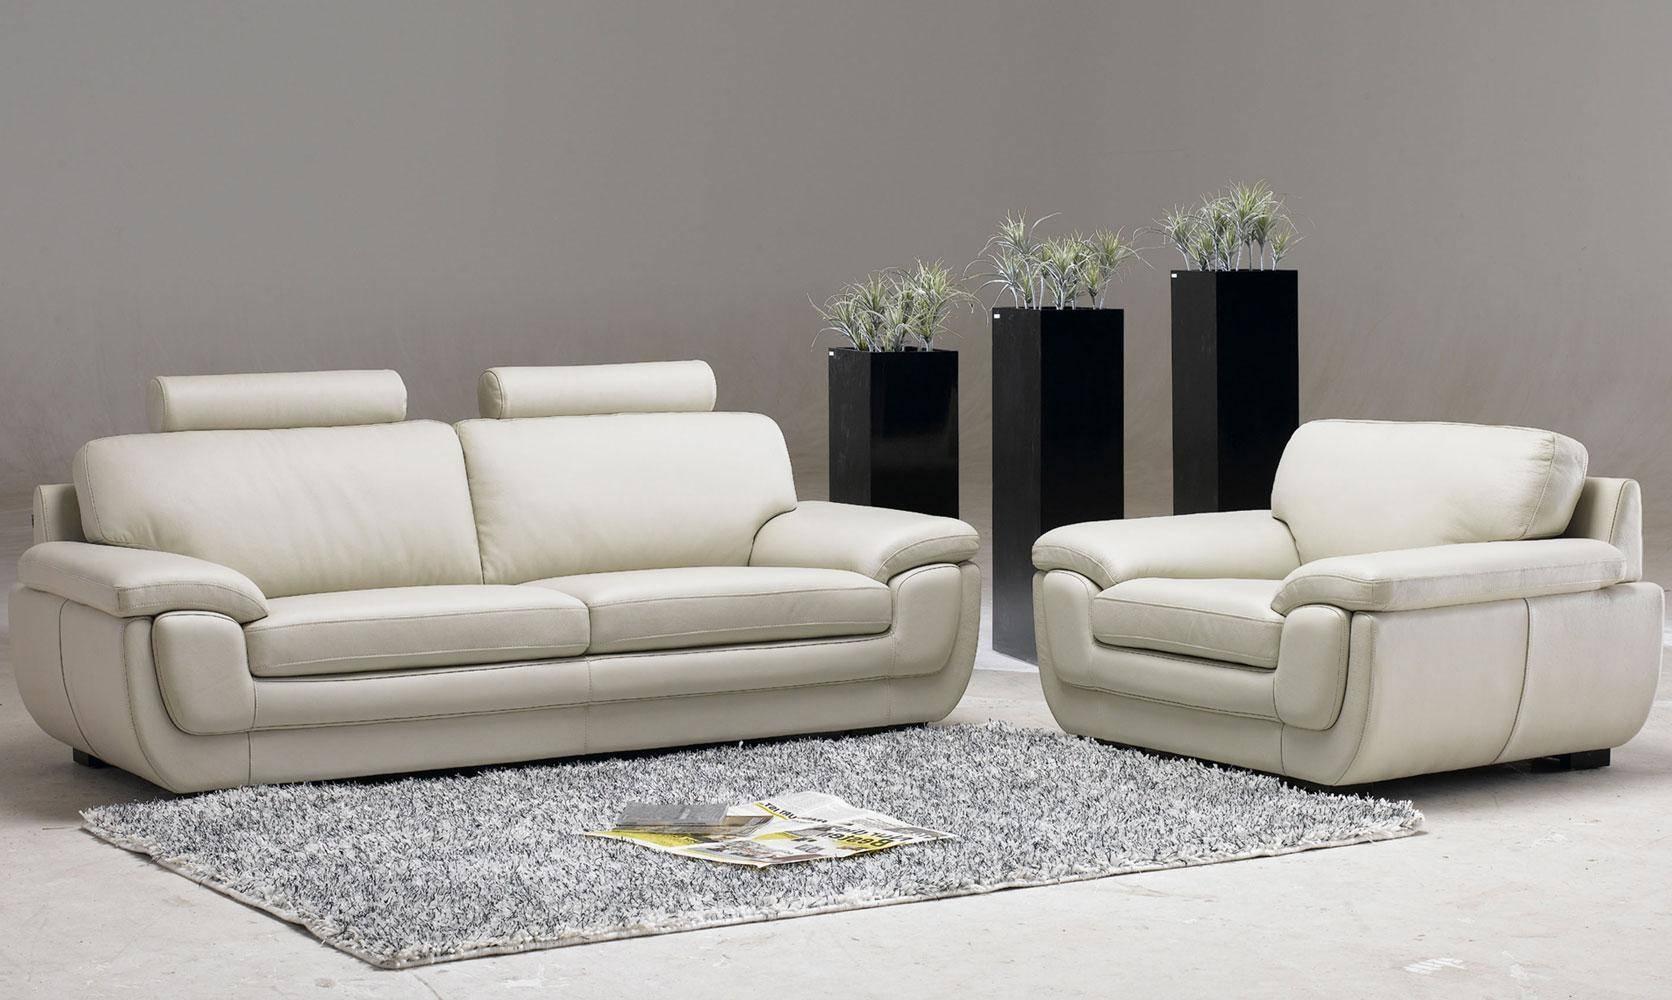 Sofa Chair Sets, Living Room Sofa Sets Sofa And Chair Sets With with Sofa and Chair Set (Image 27 of 30)